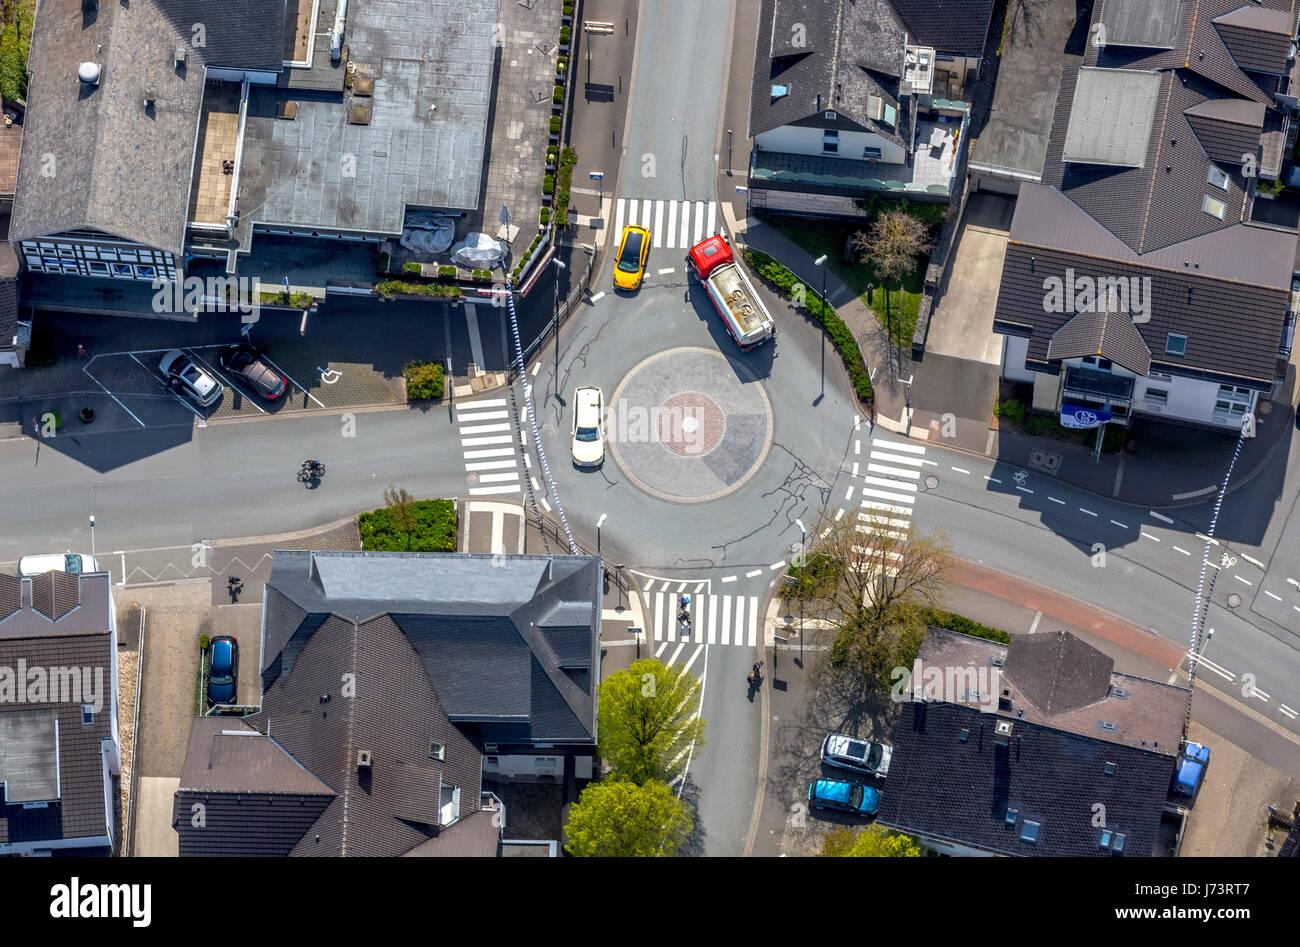 Roundabout Strackestraße and Obere Mauer, Brilon, Sauerland, Hochsauerlandkreis, North Rhine-Westphalia, Germany,Kreisverkehr - Stock Image